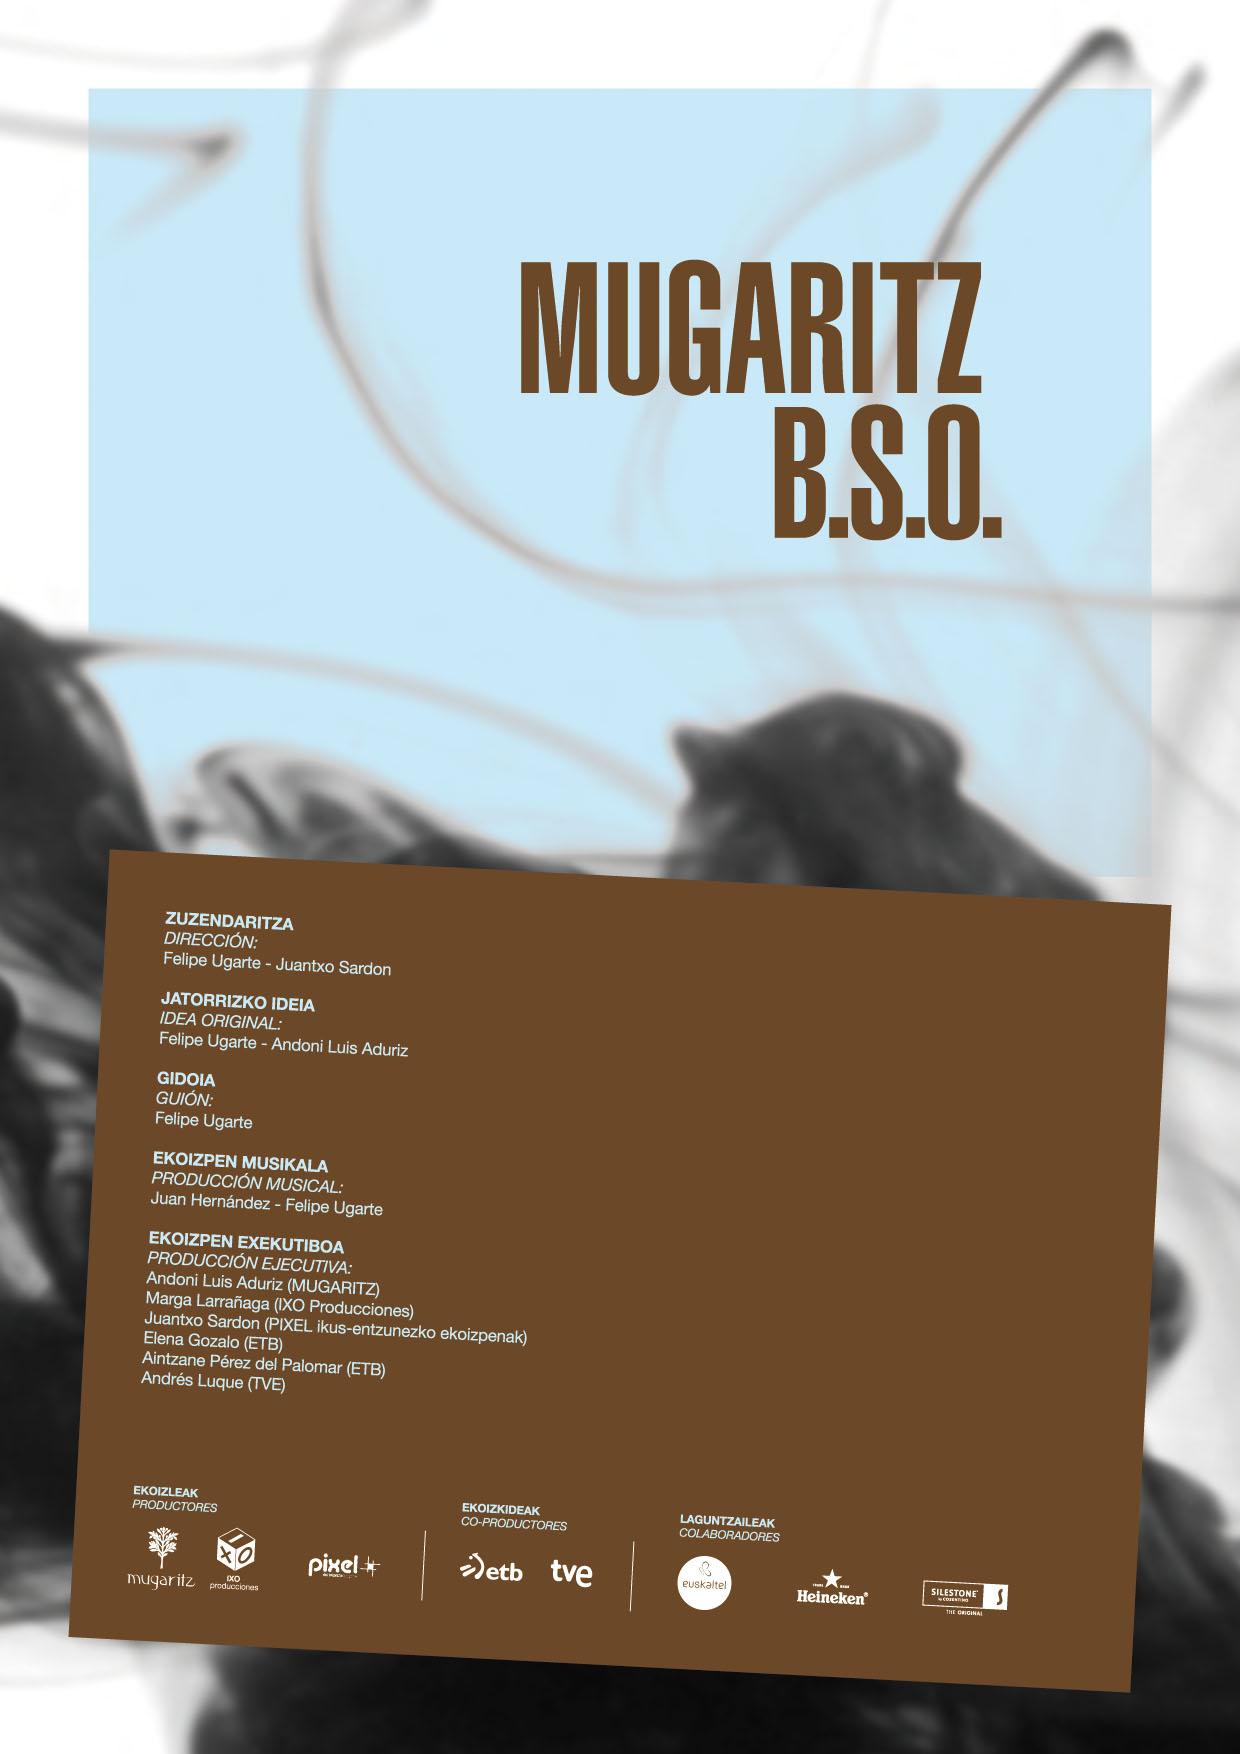 Mugaritz BSO